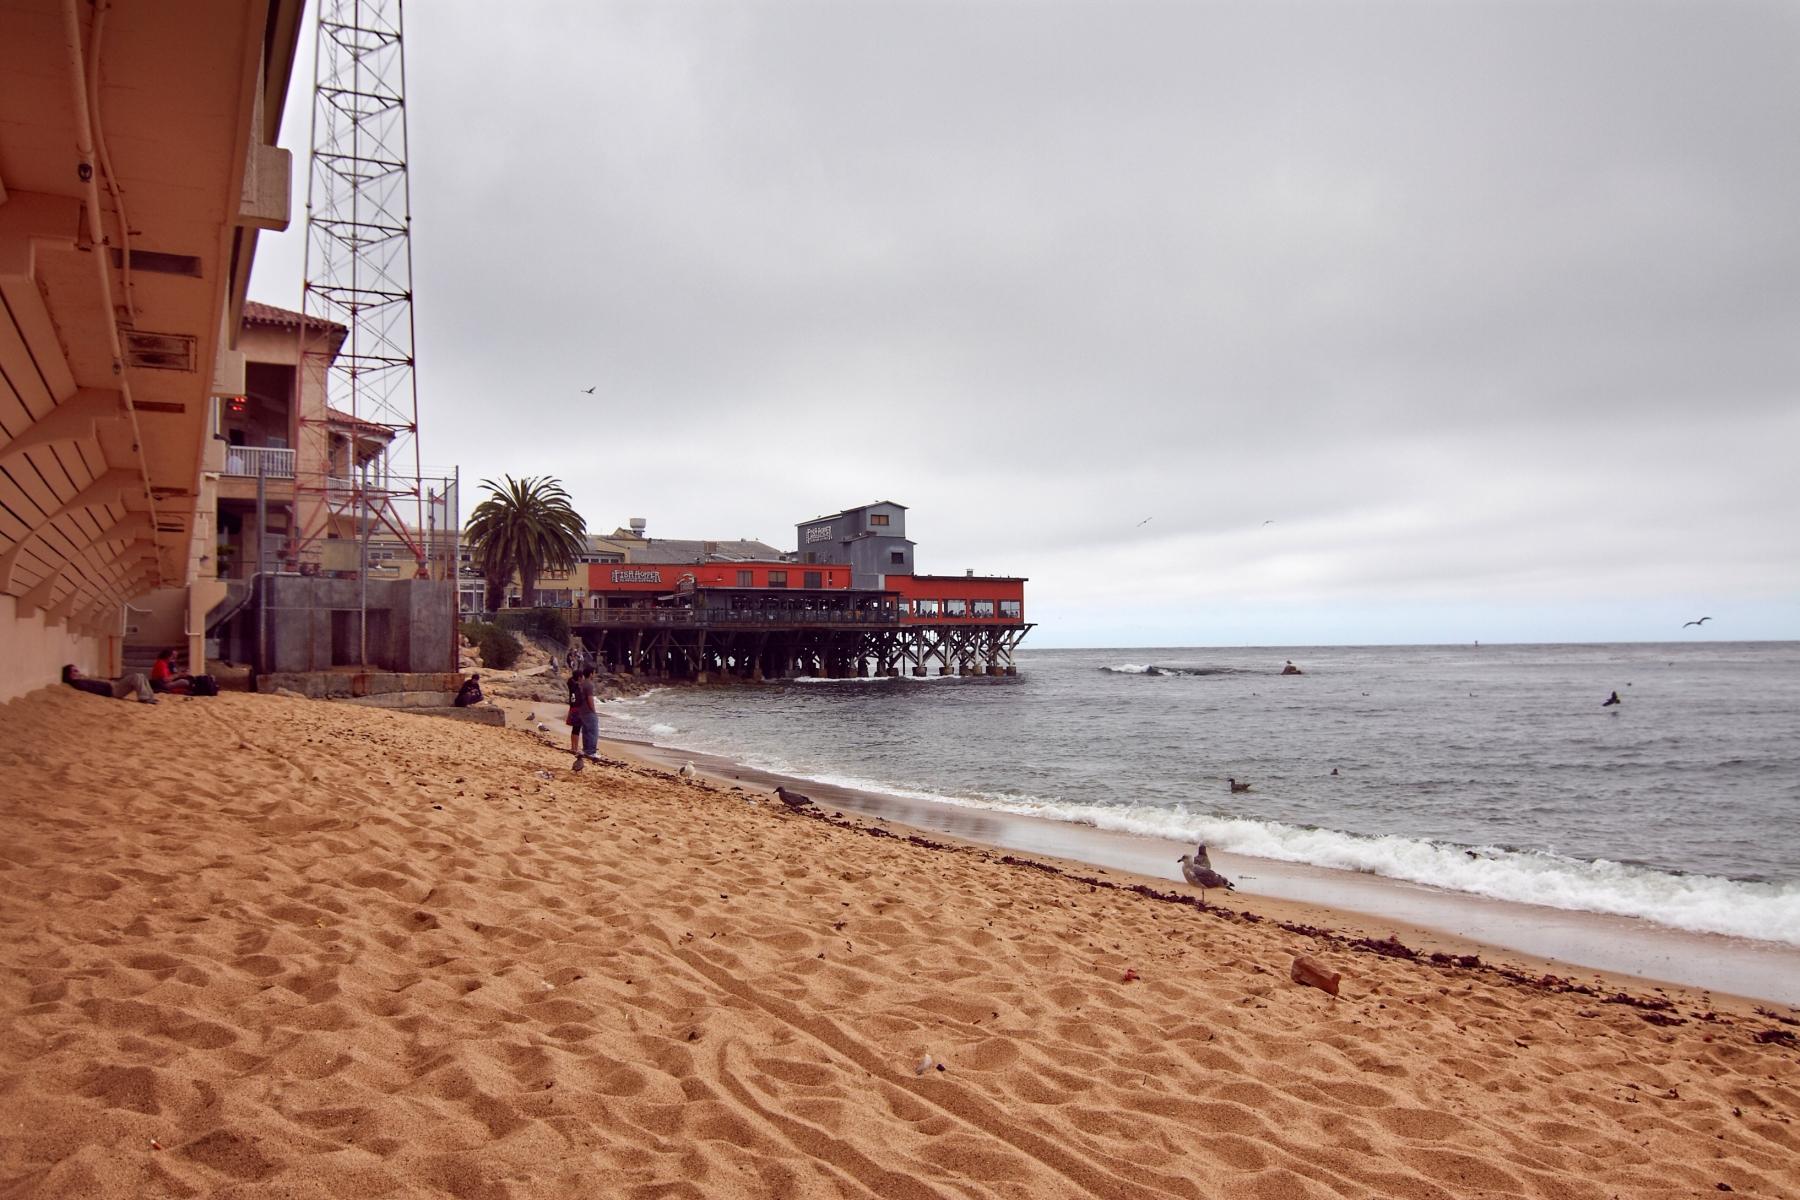 Am Strand kann man den Touristenströmen entkommen und kurz in Steinbecks Welt abtauchen.